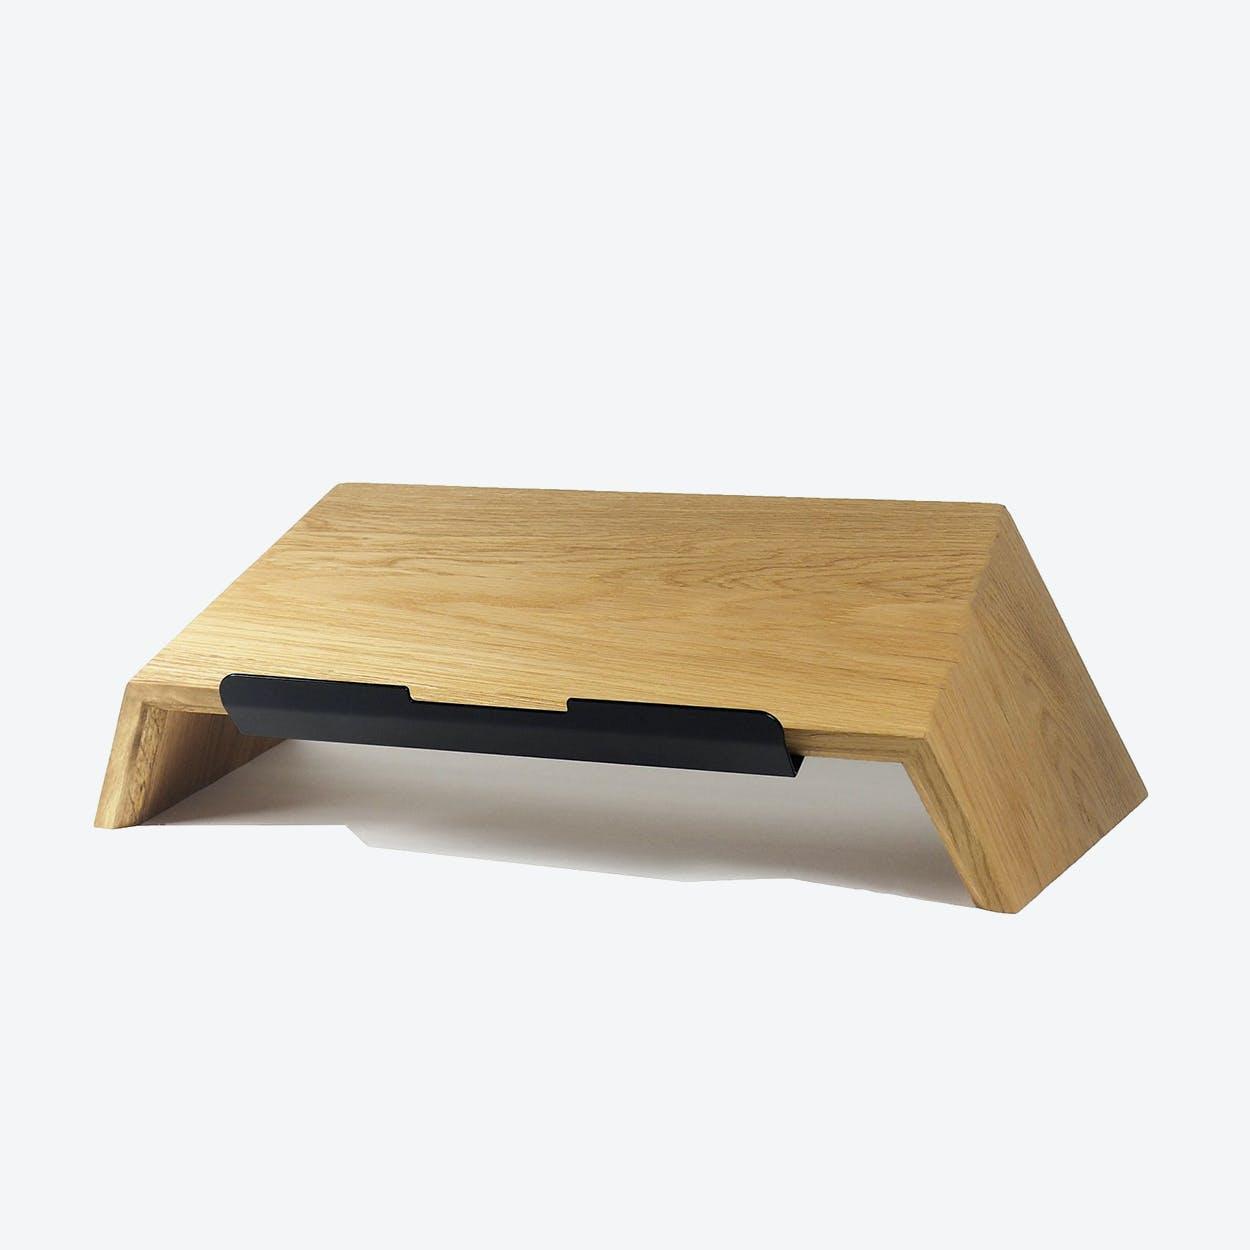 Laptop Stand in Oak